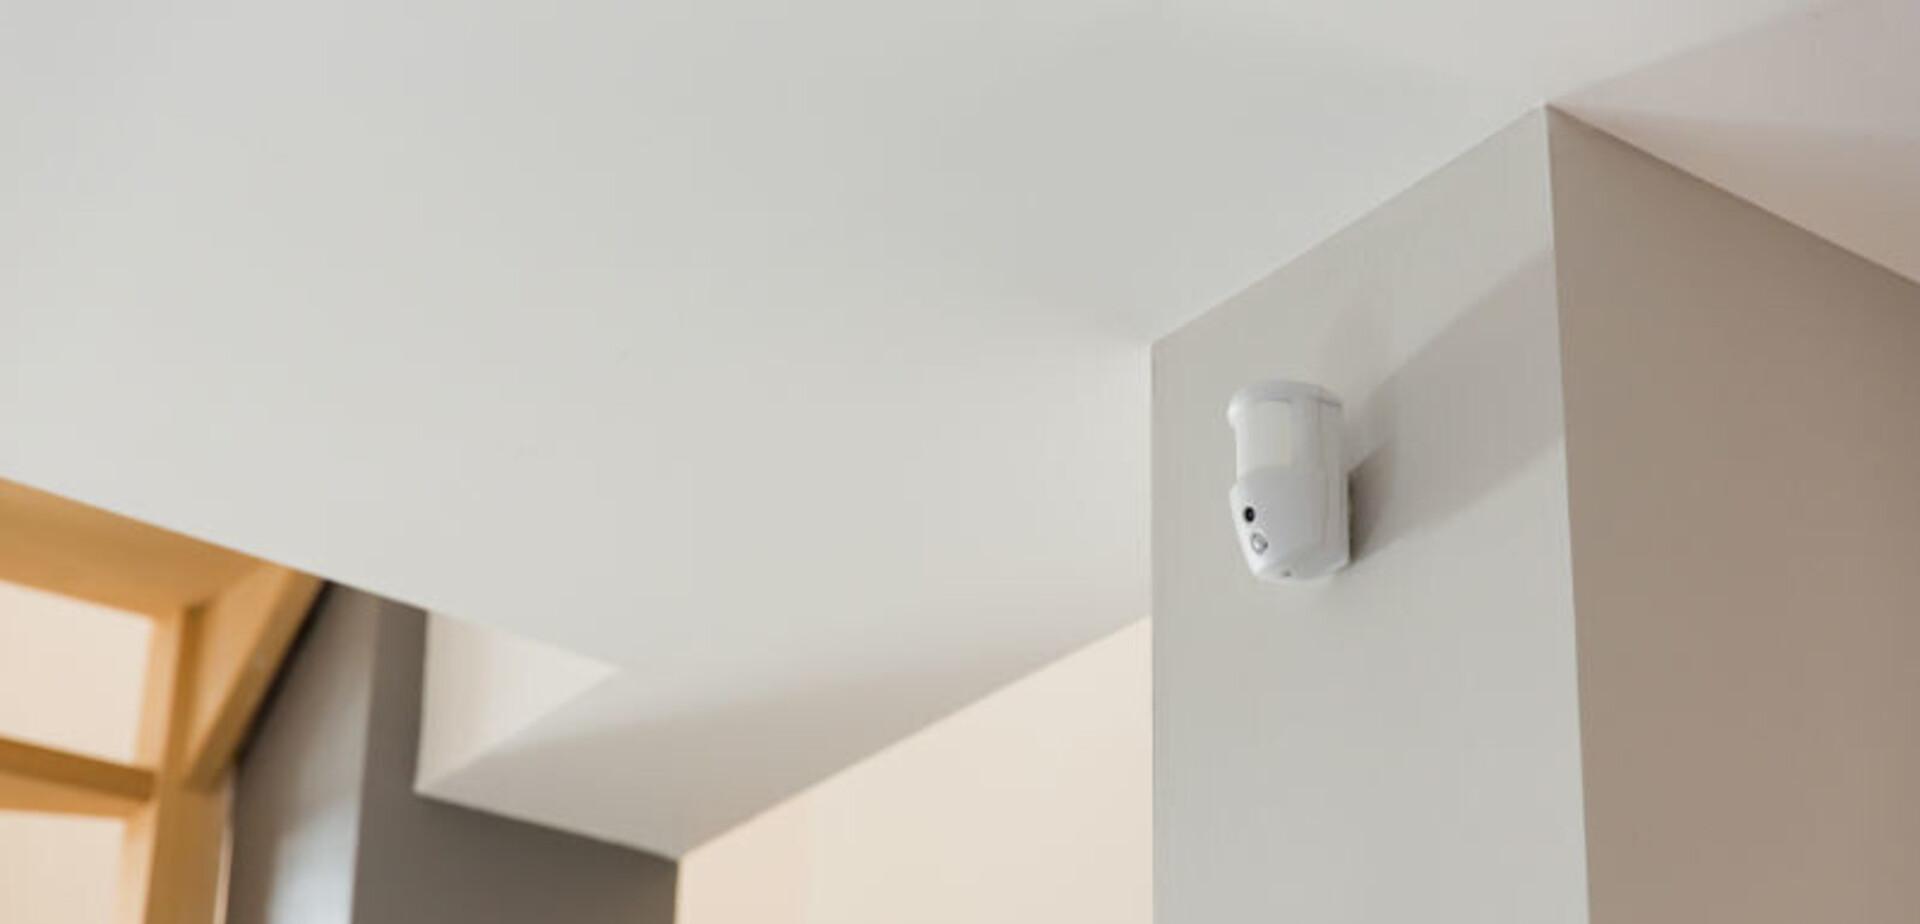 Installer un détecteur de mouvements - Pour les makers f11b903b6c7